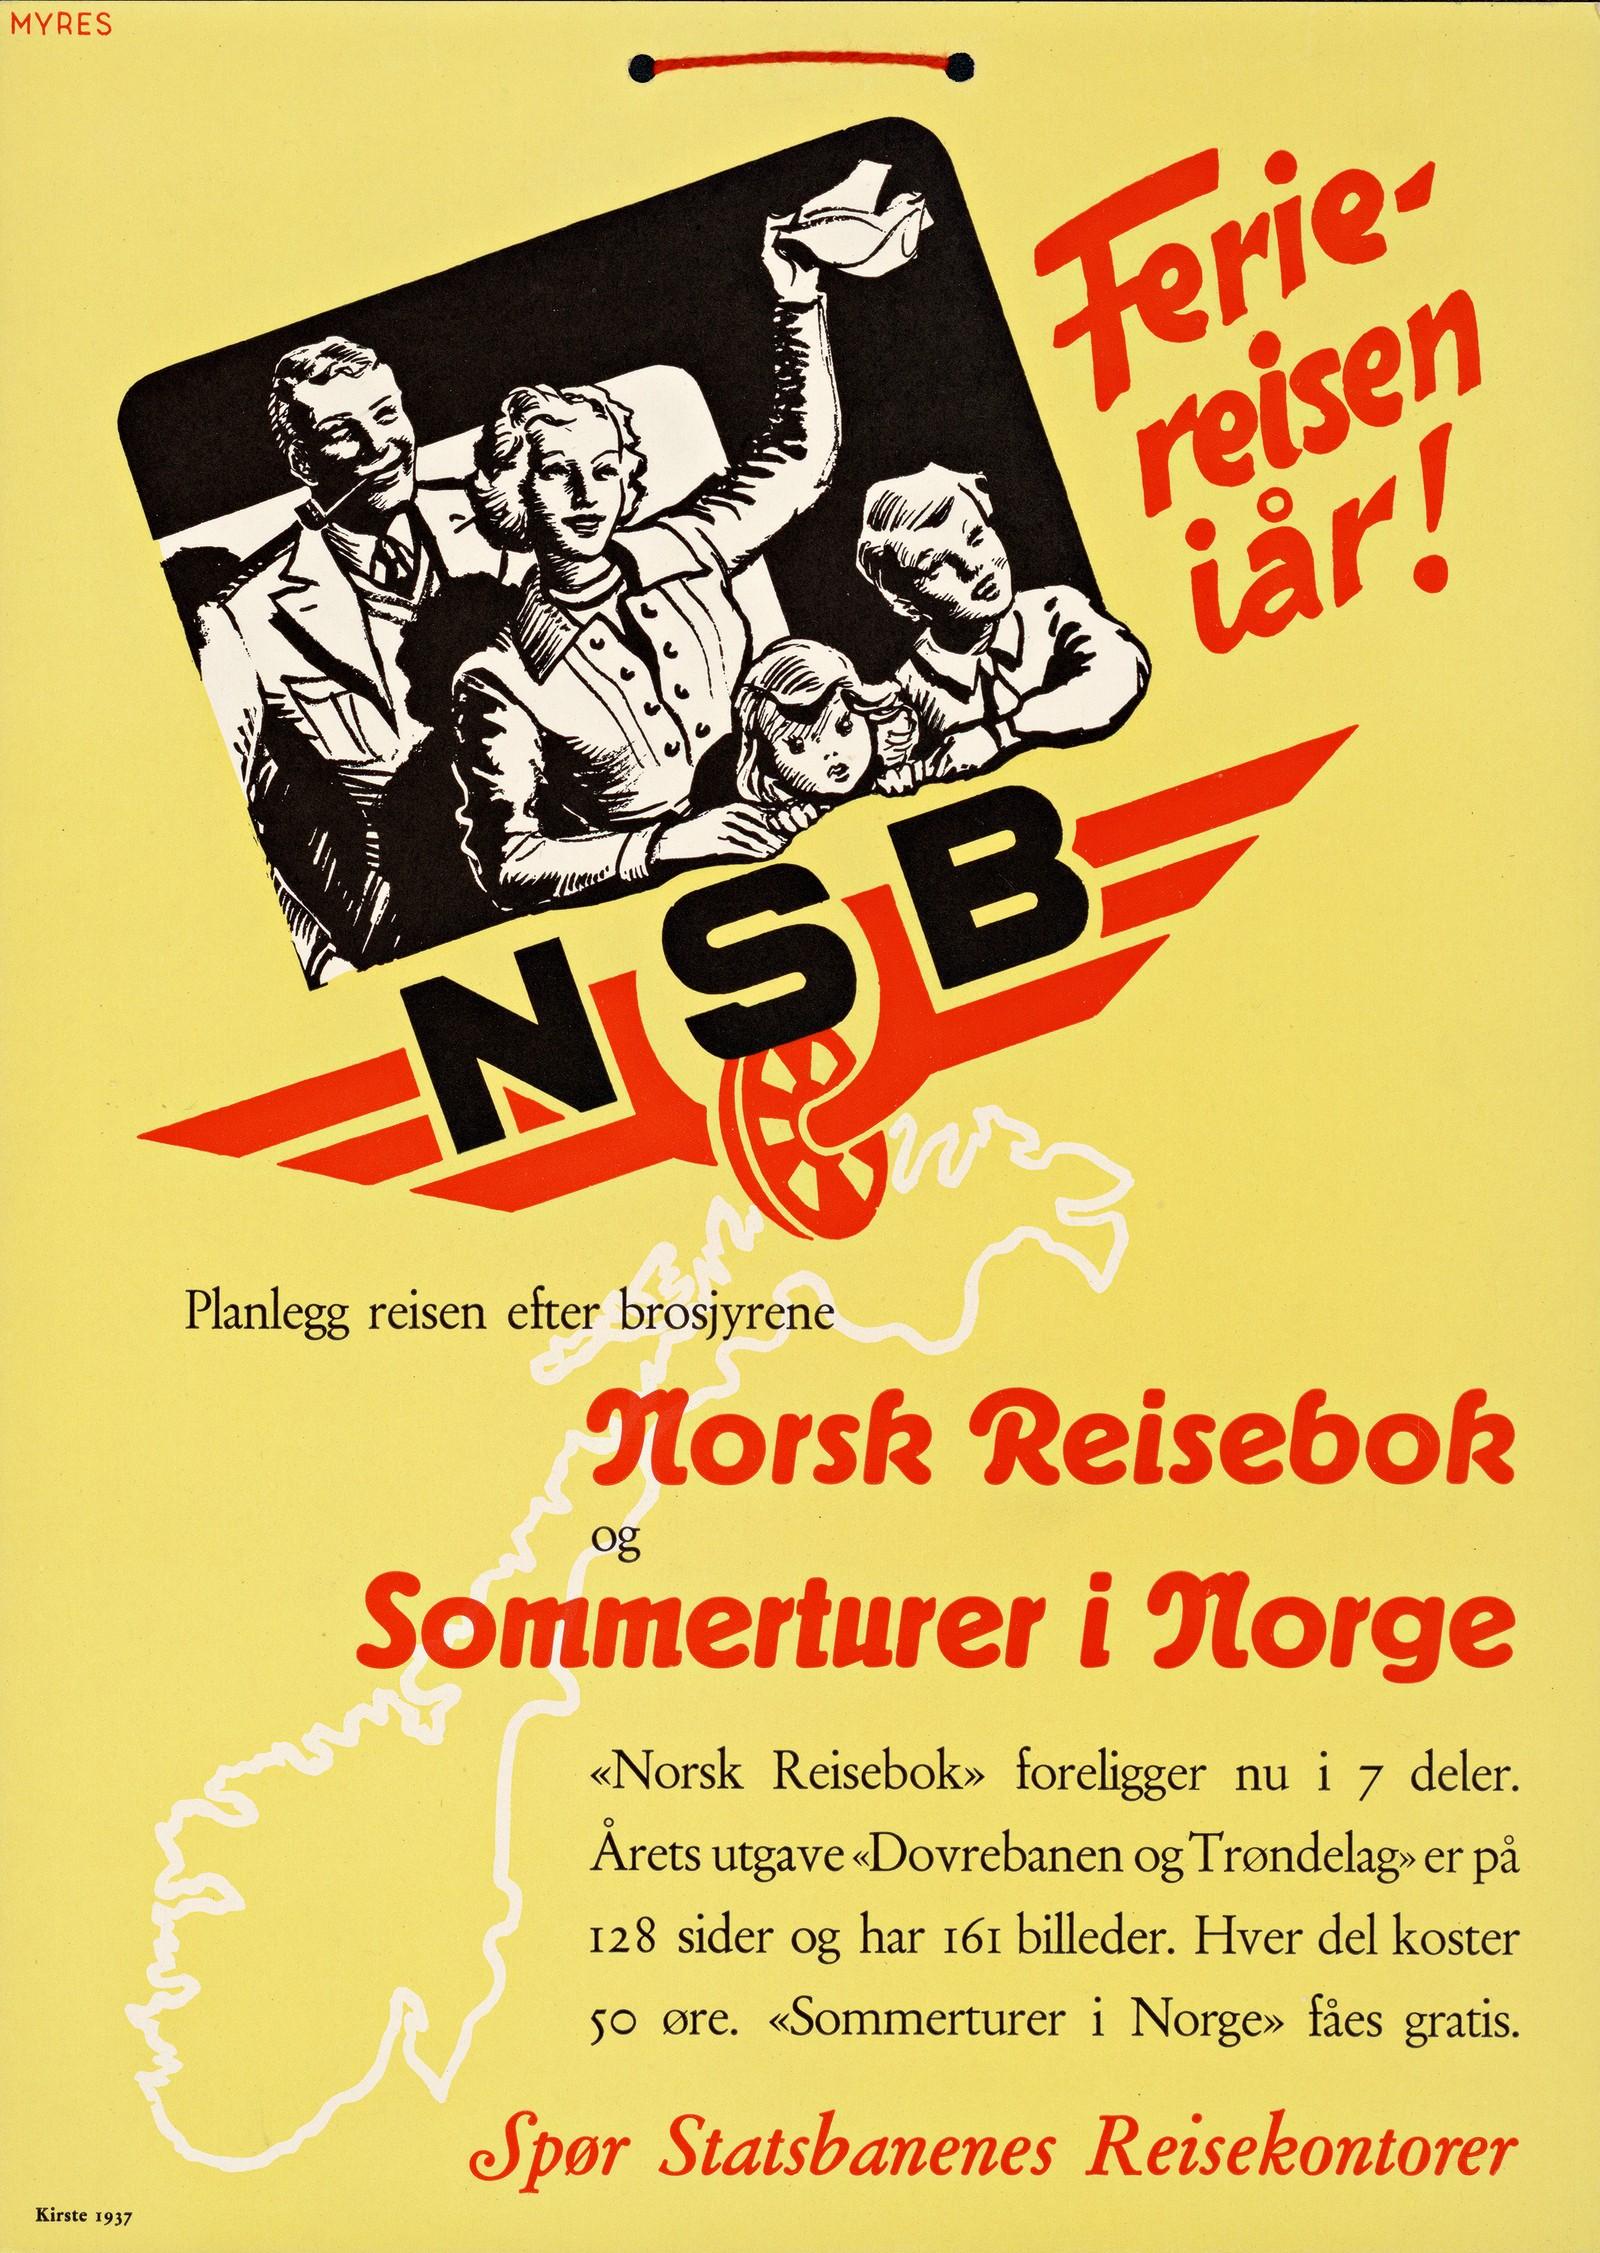 NSB Feriereisen iår! Planlegg reisen efter brosjyrene Norsk reisebok og Sommerturer i Norge. Denne turistplakaten fra 1937 er myntet på et norsk publiku.